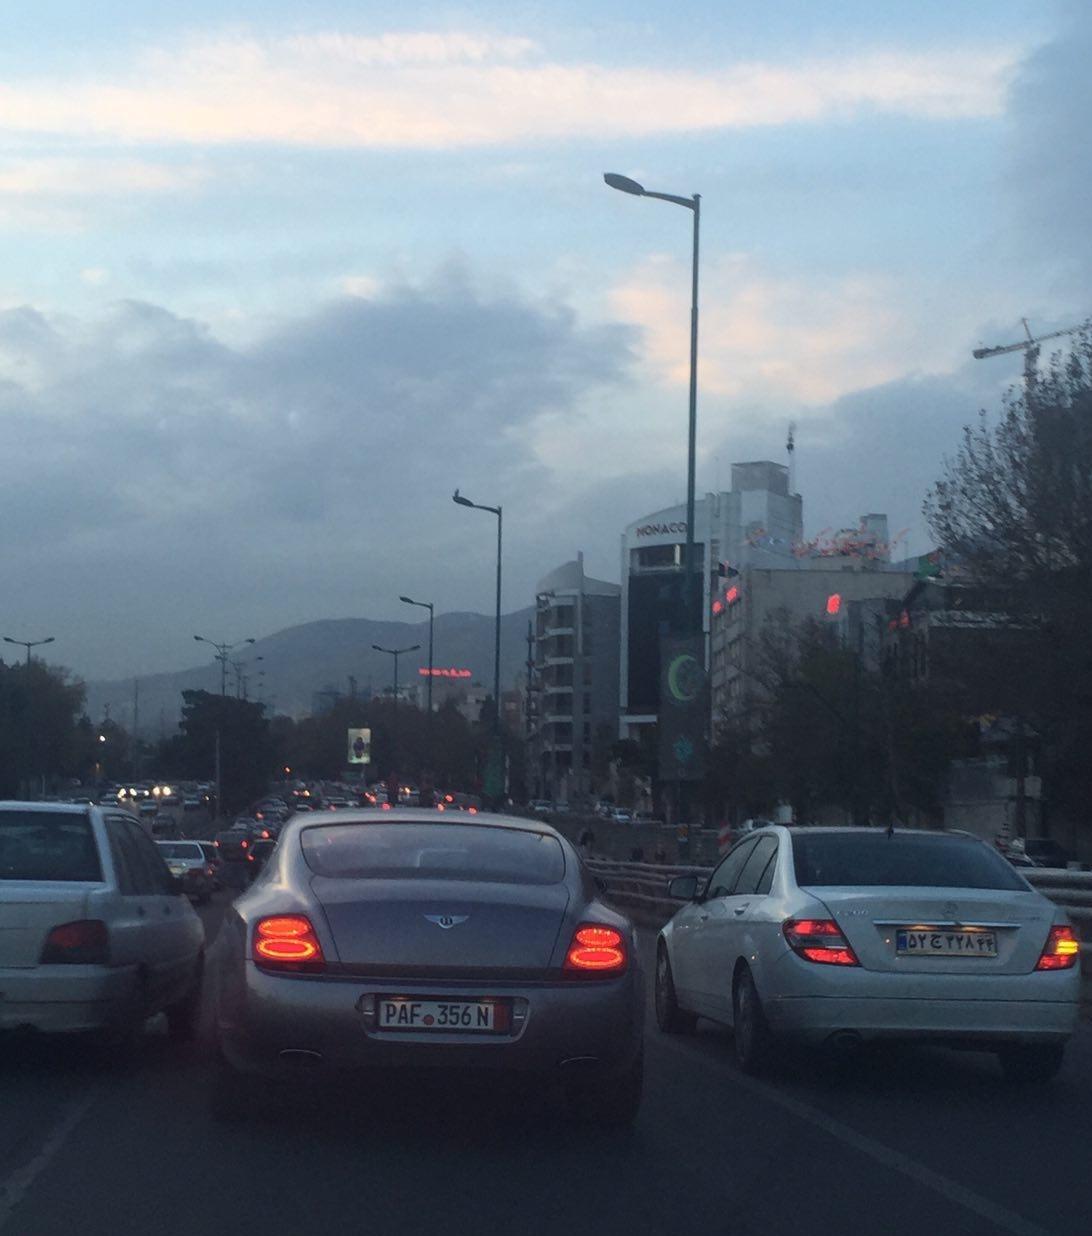 خودروی لوکس در خیابان های تهران + عکس